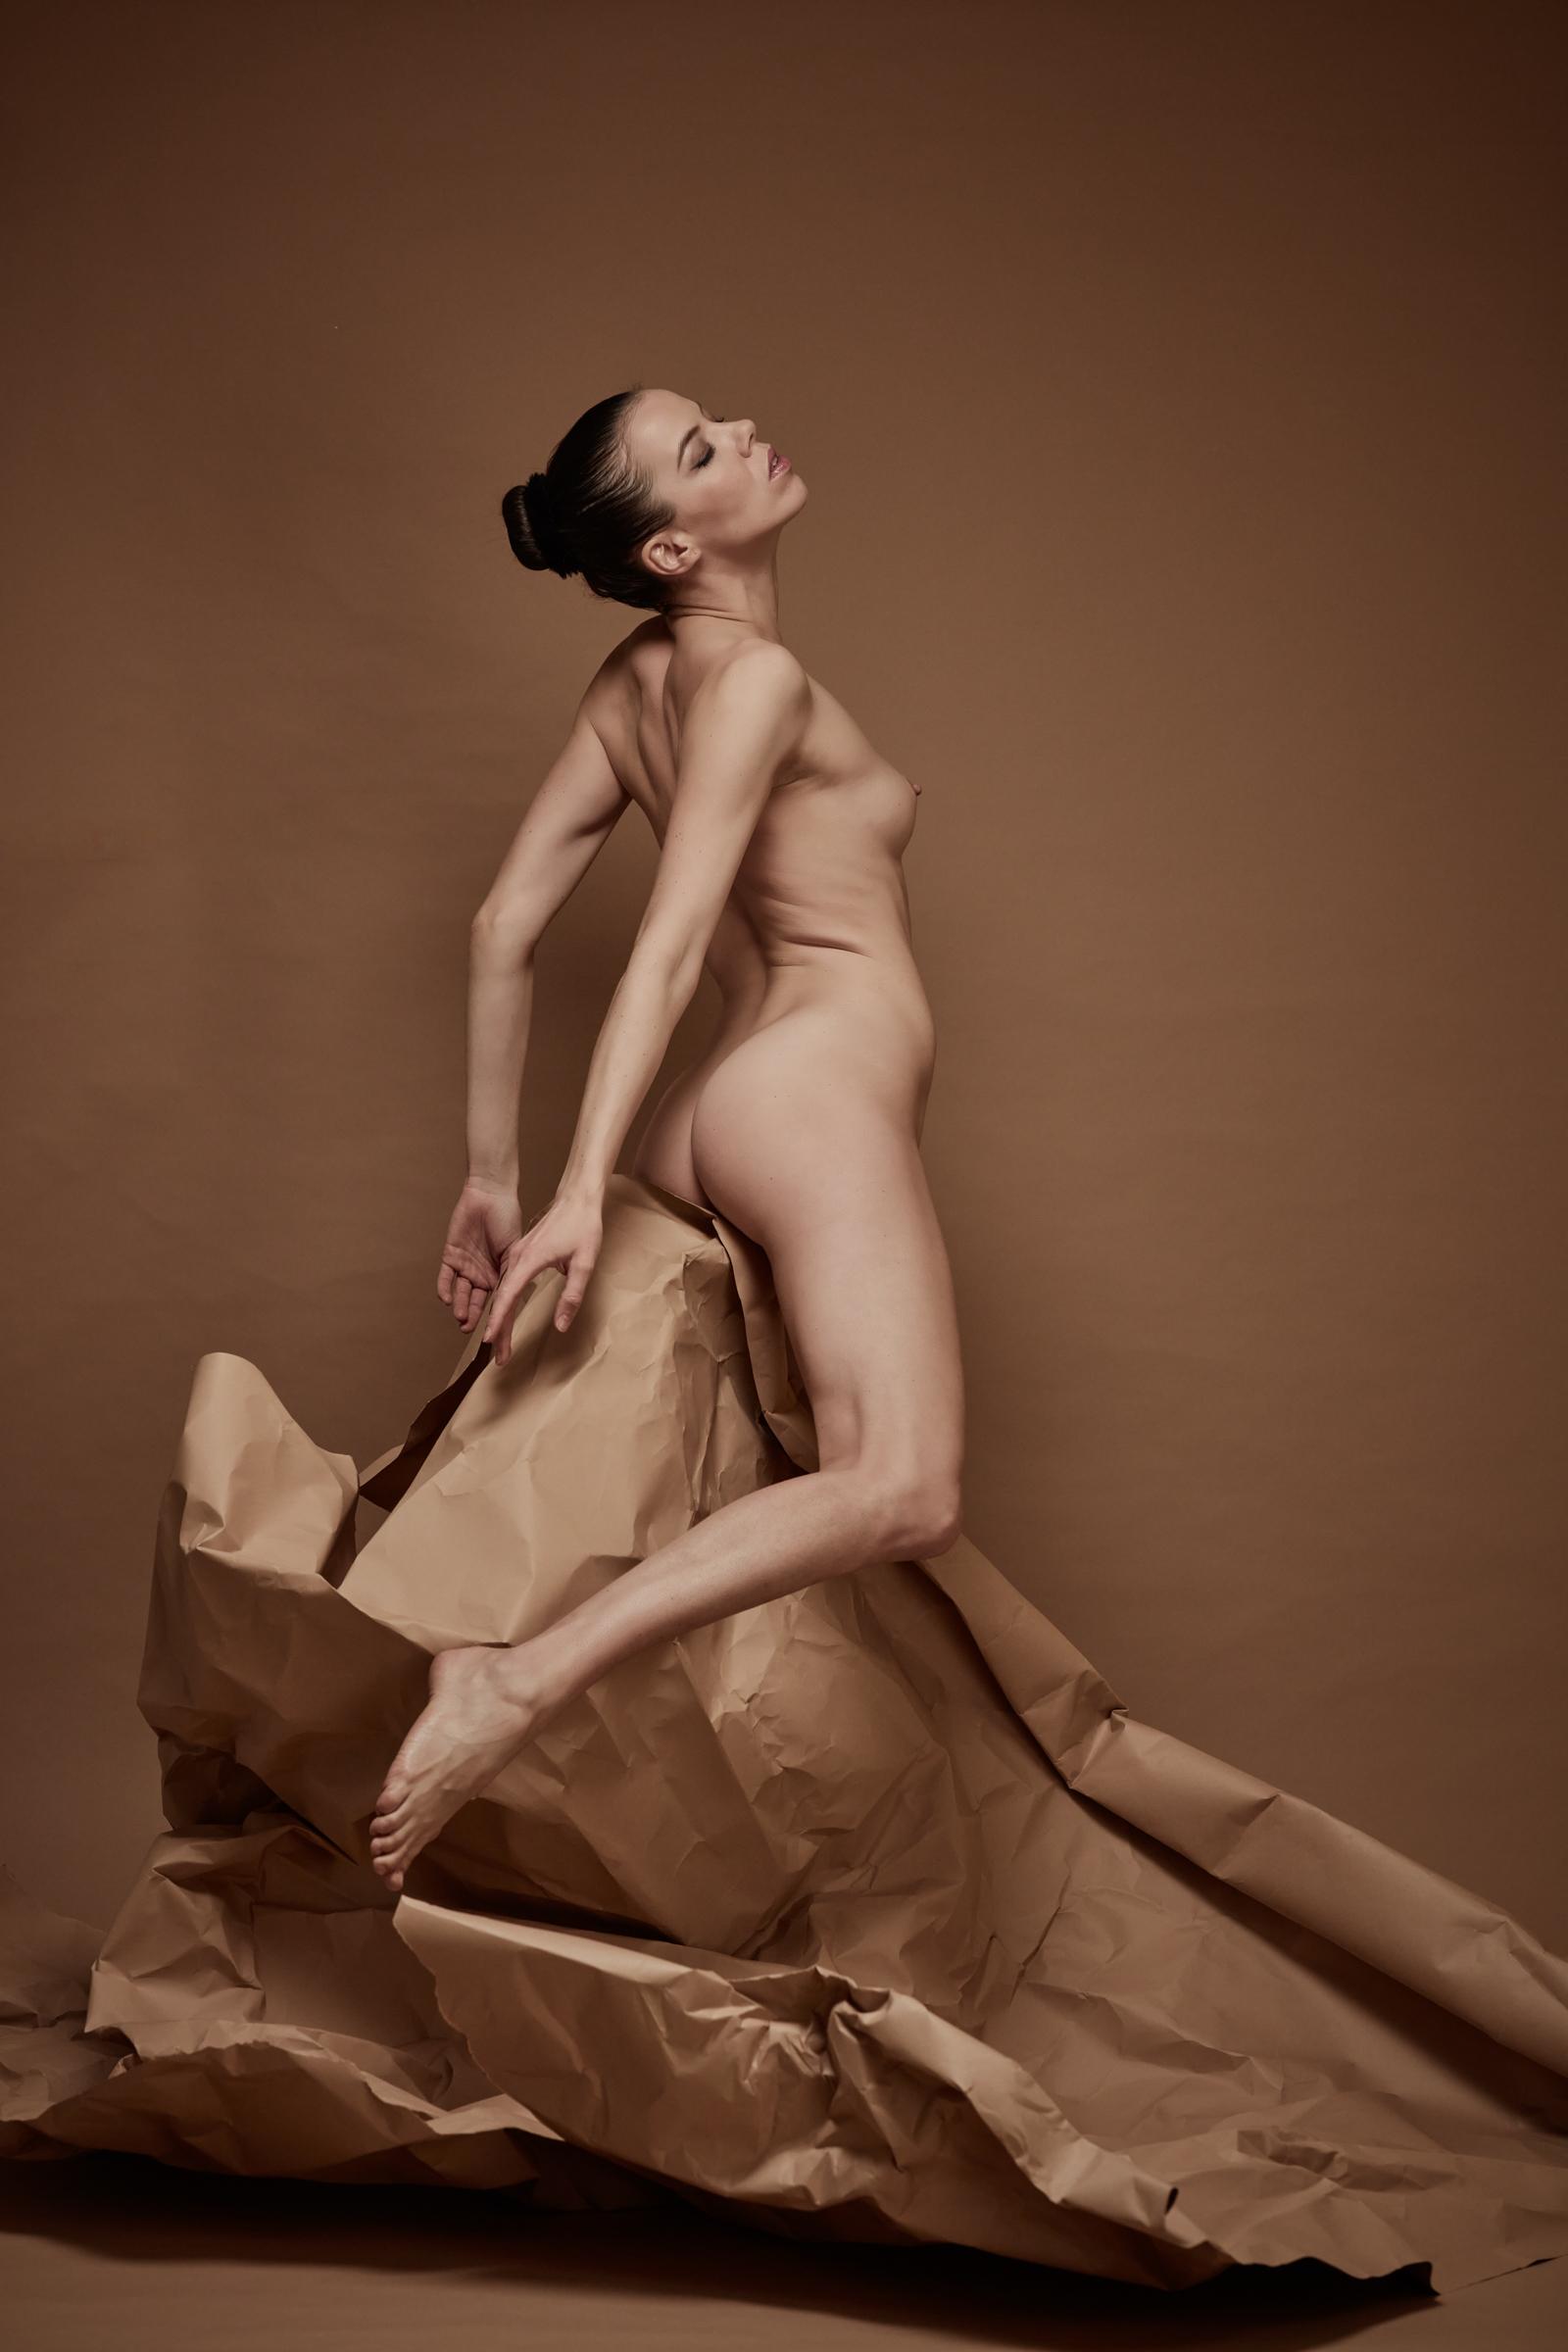 denisa sculptural art nude in studio mainz 02